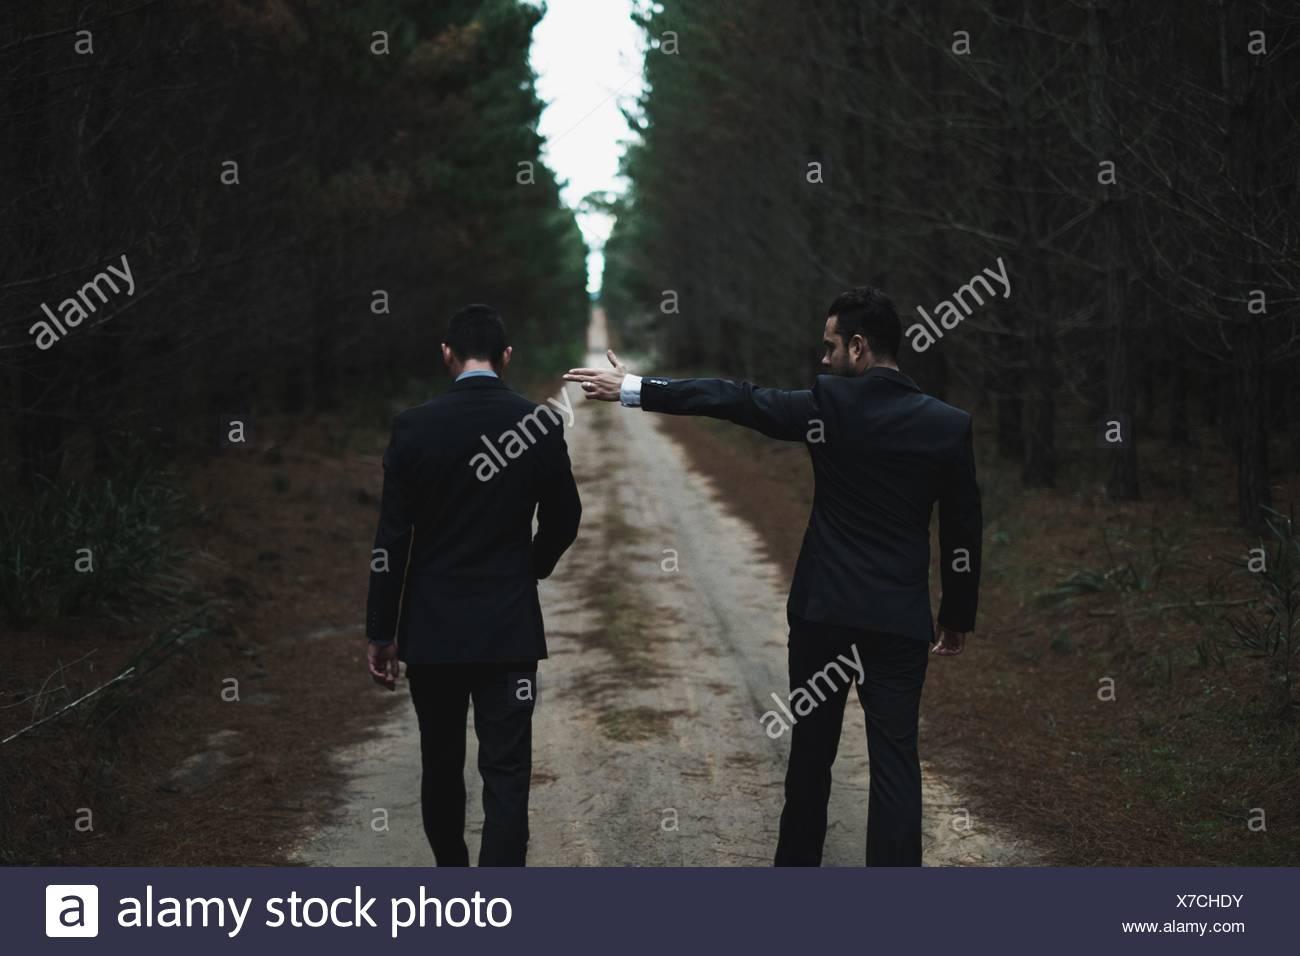 Un uomo indica le dita in altro uomo Immagini Stock